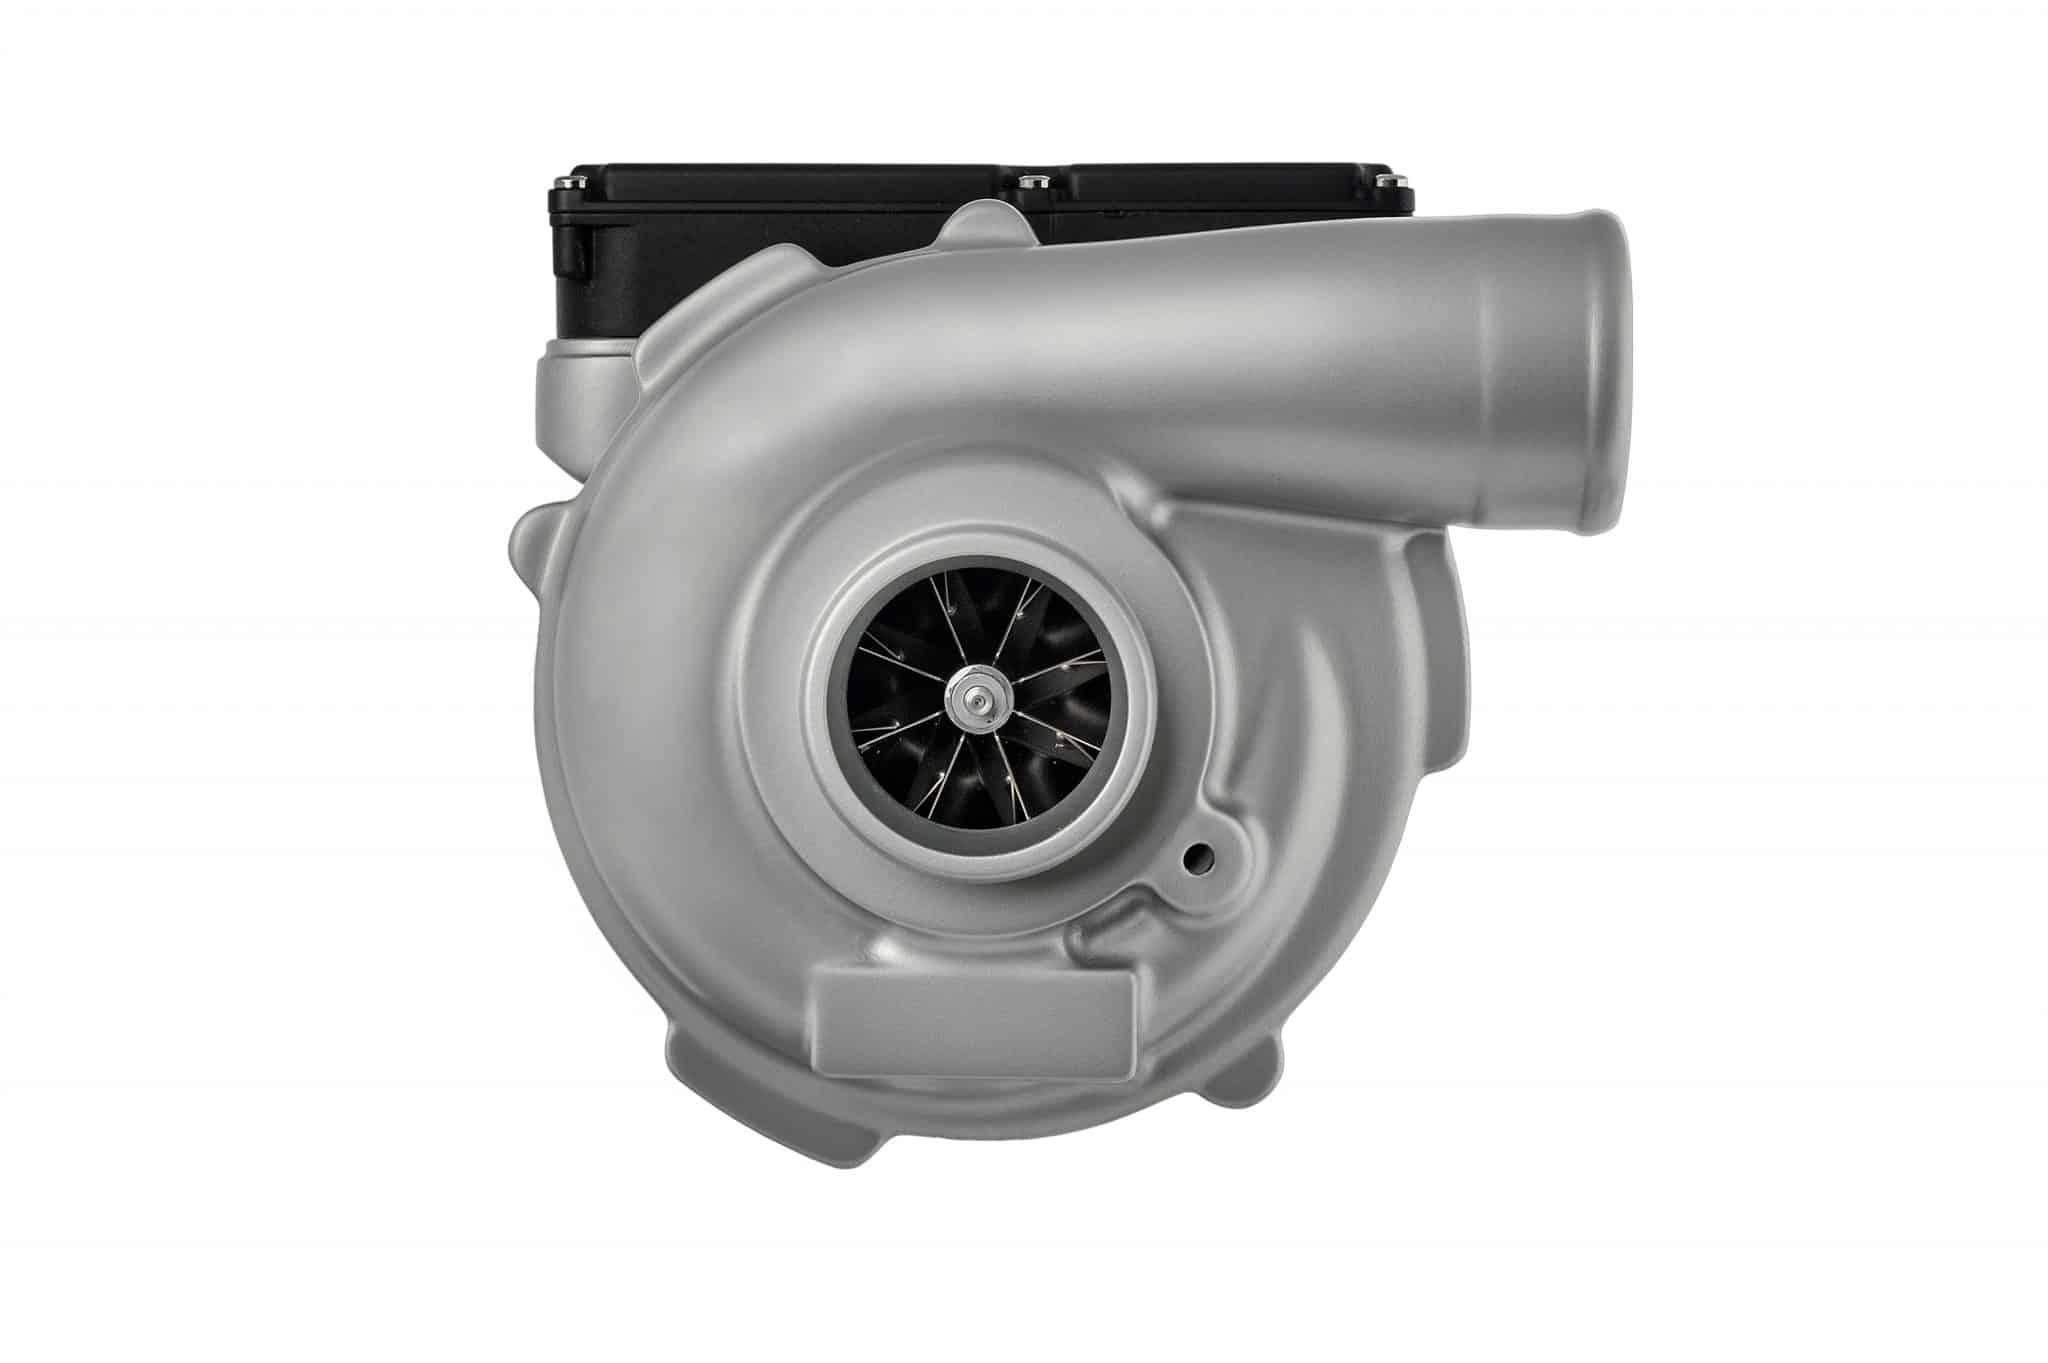 Garrett Adds E-Turbo Demo Vehicle to Display at 2018 Vienna